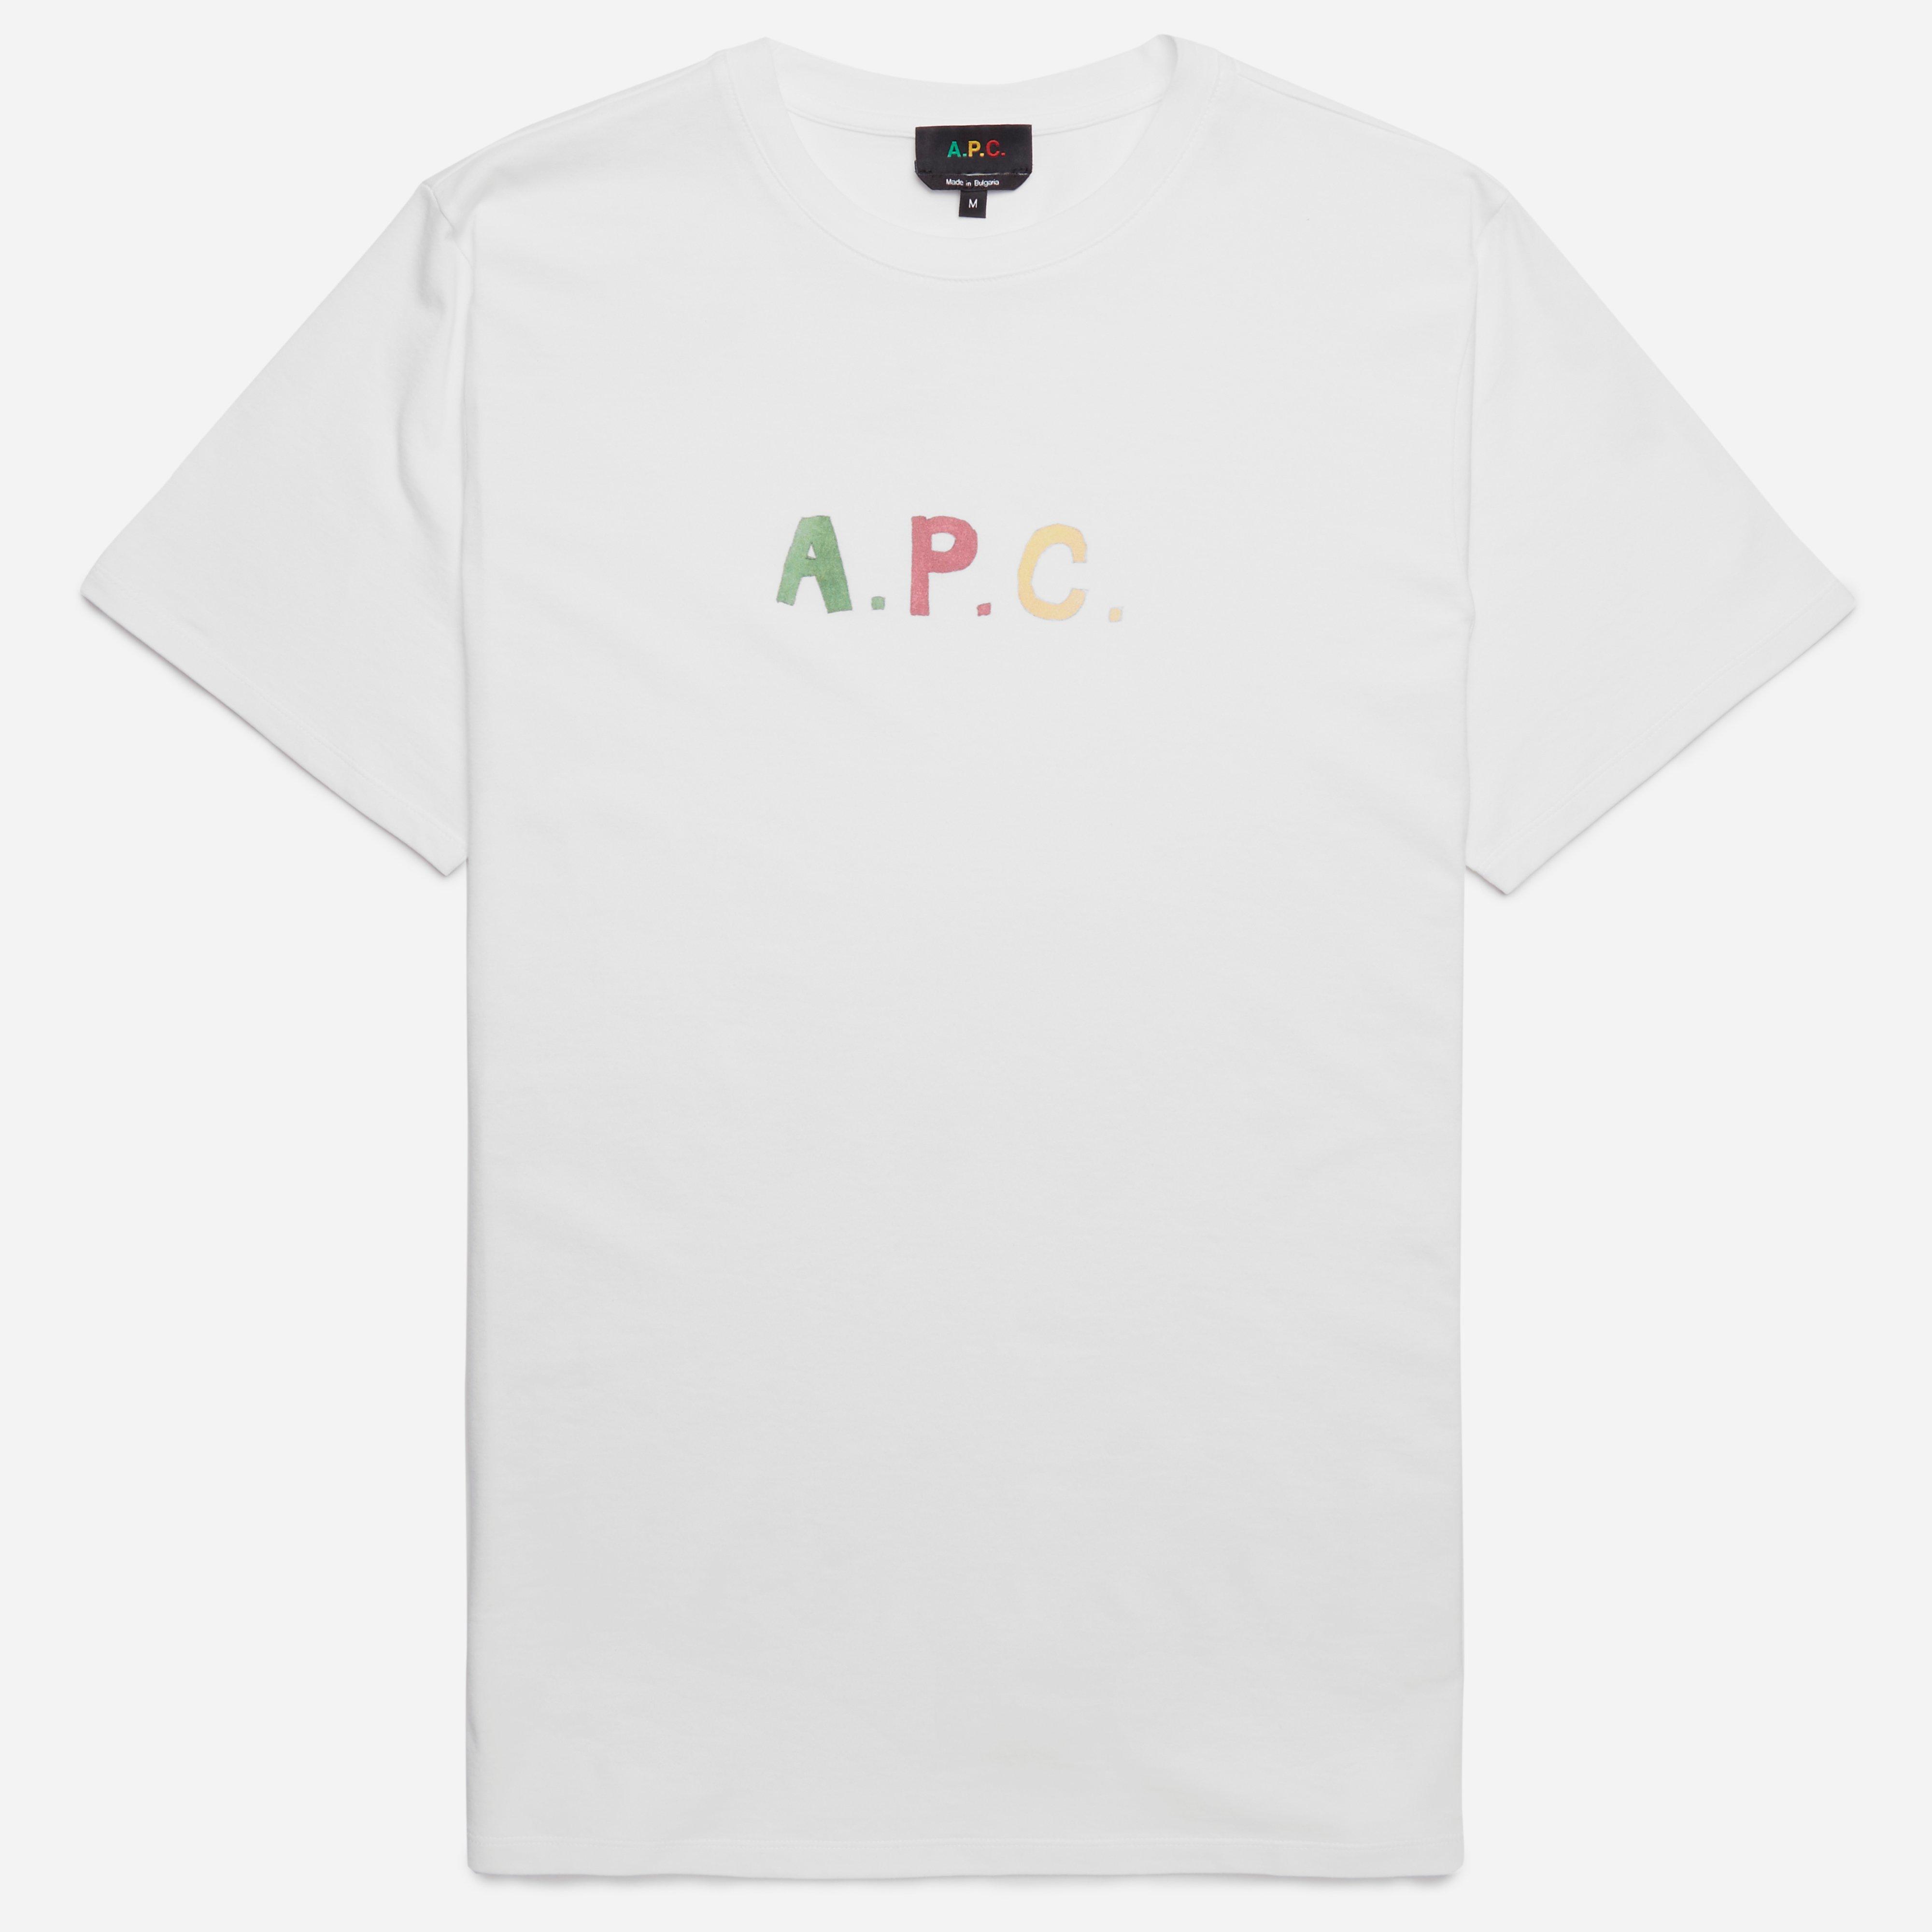 A.P.C Couleurs T-shirt